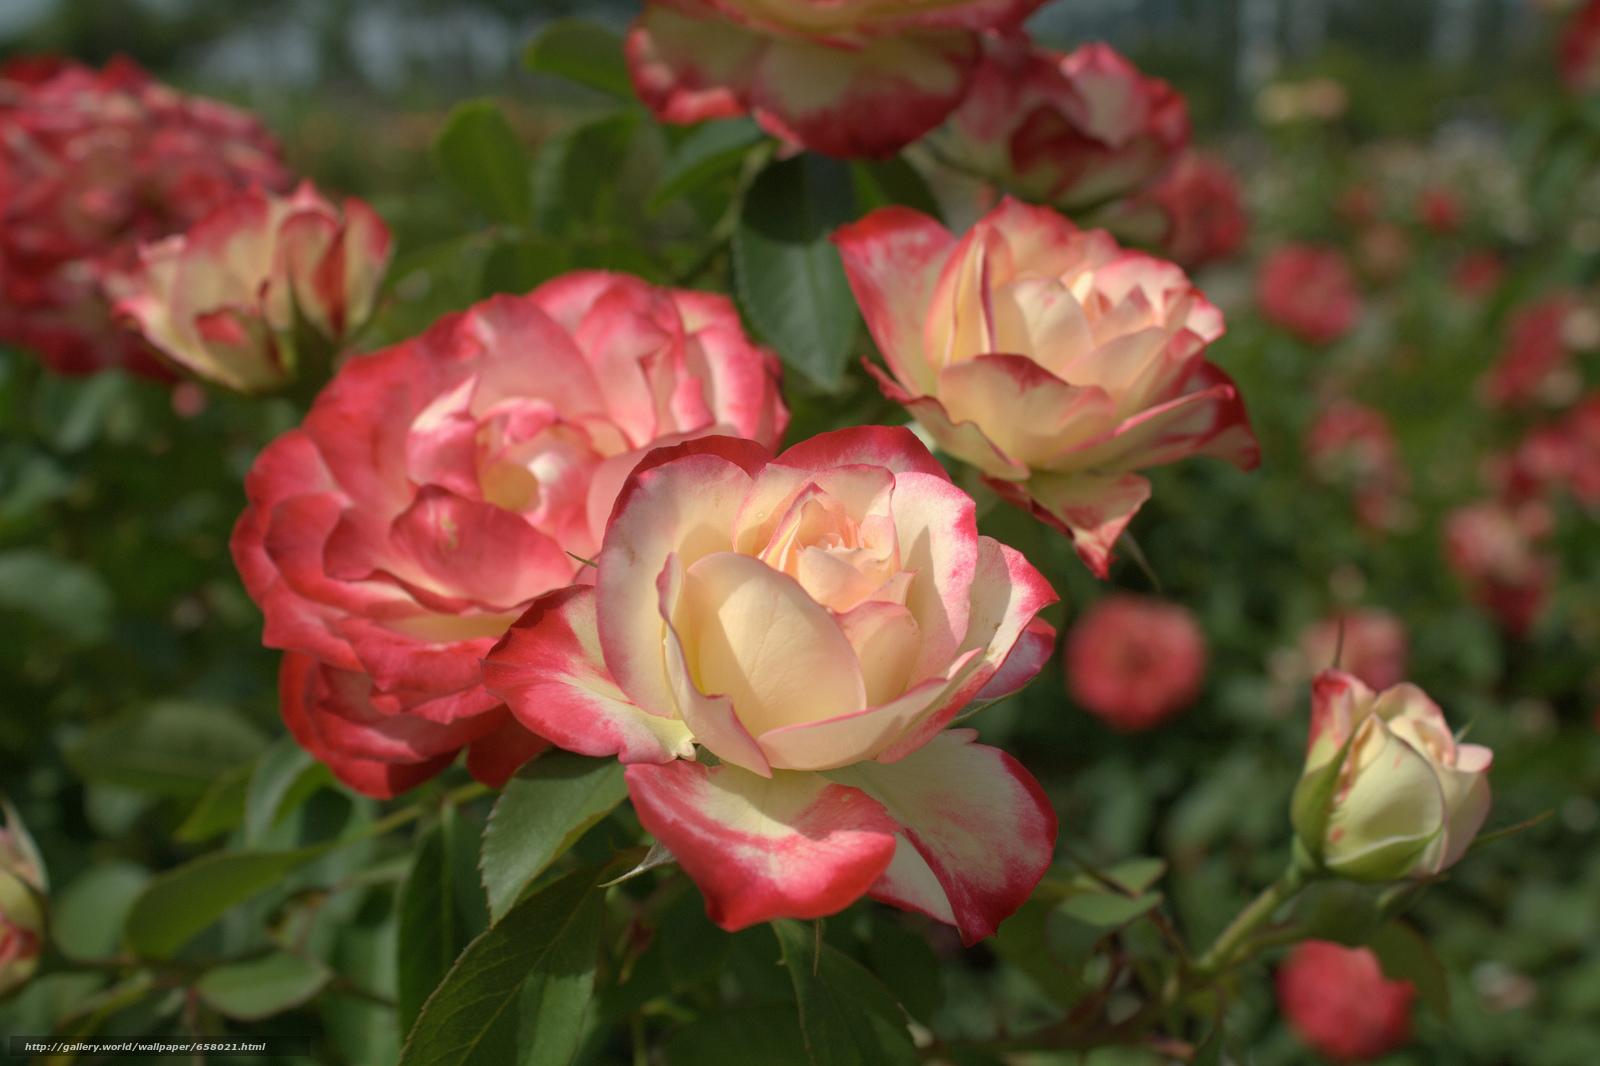 Скачать обои цветы,  цветок,  роза,  розы бесплатно для рабочего стола в разрешении 2048x1364 — картинка №658021